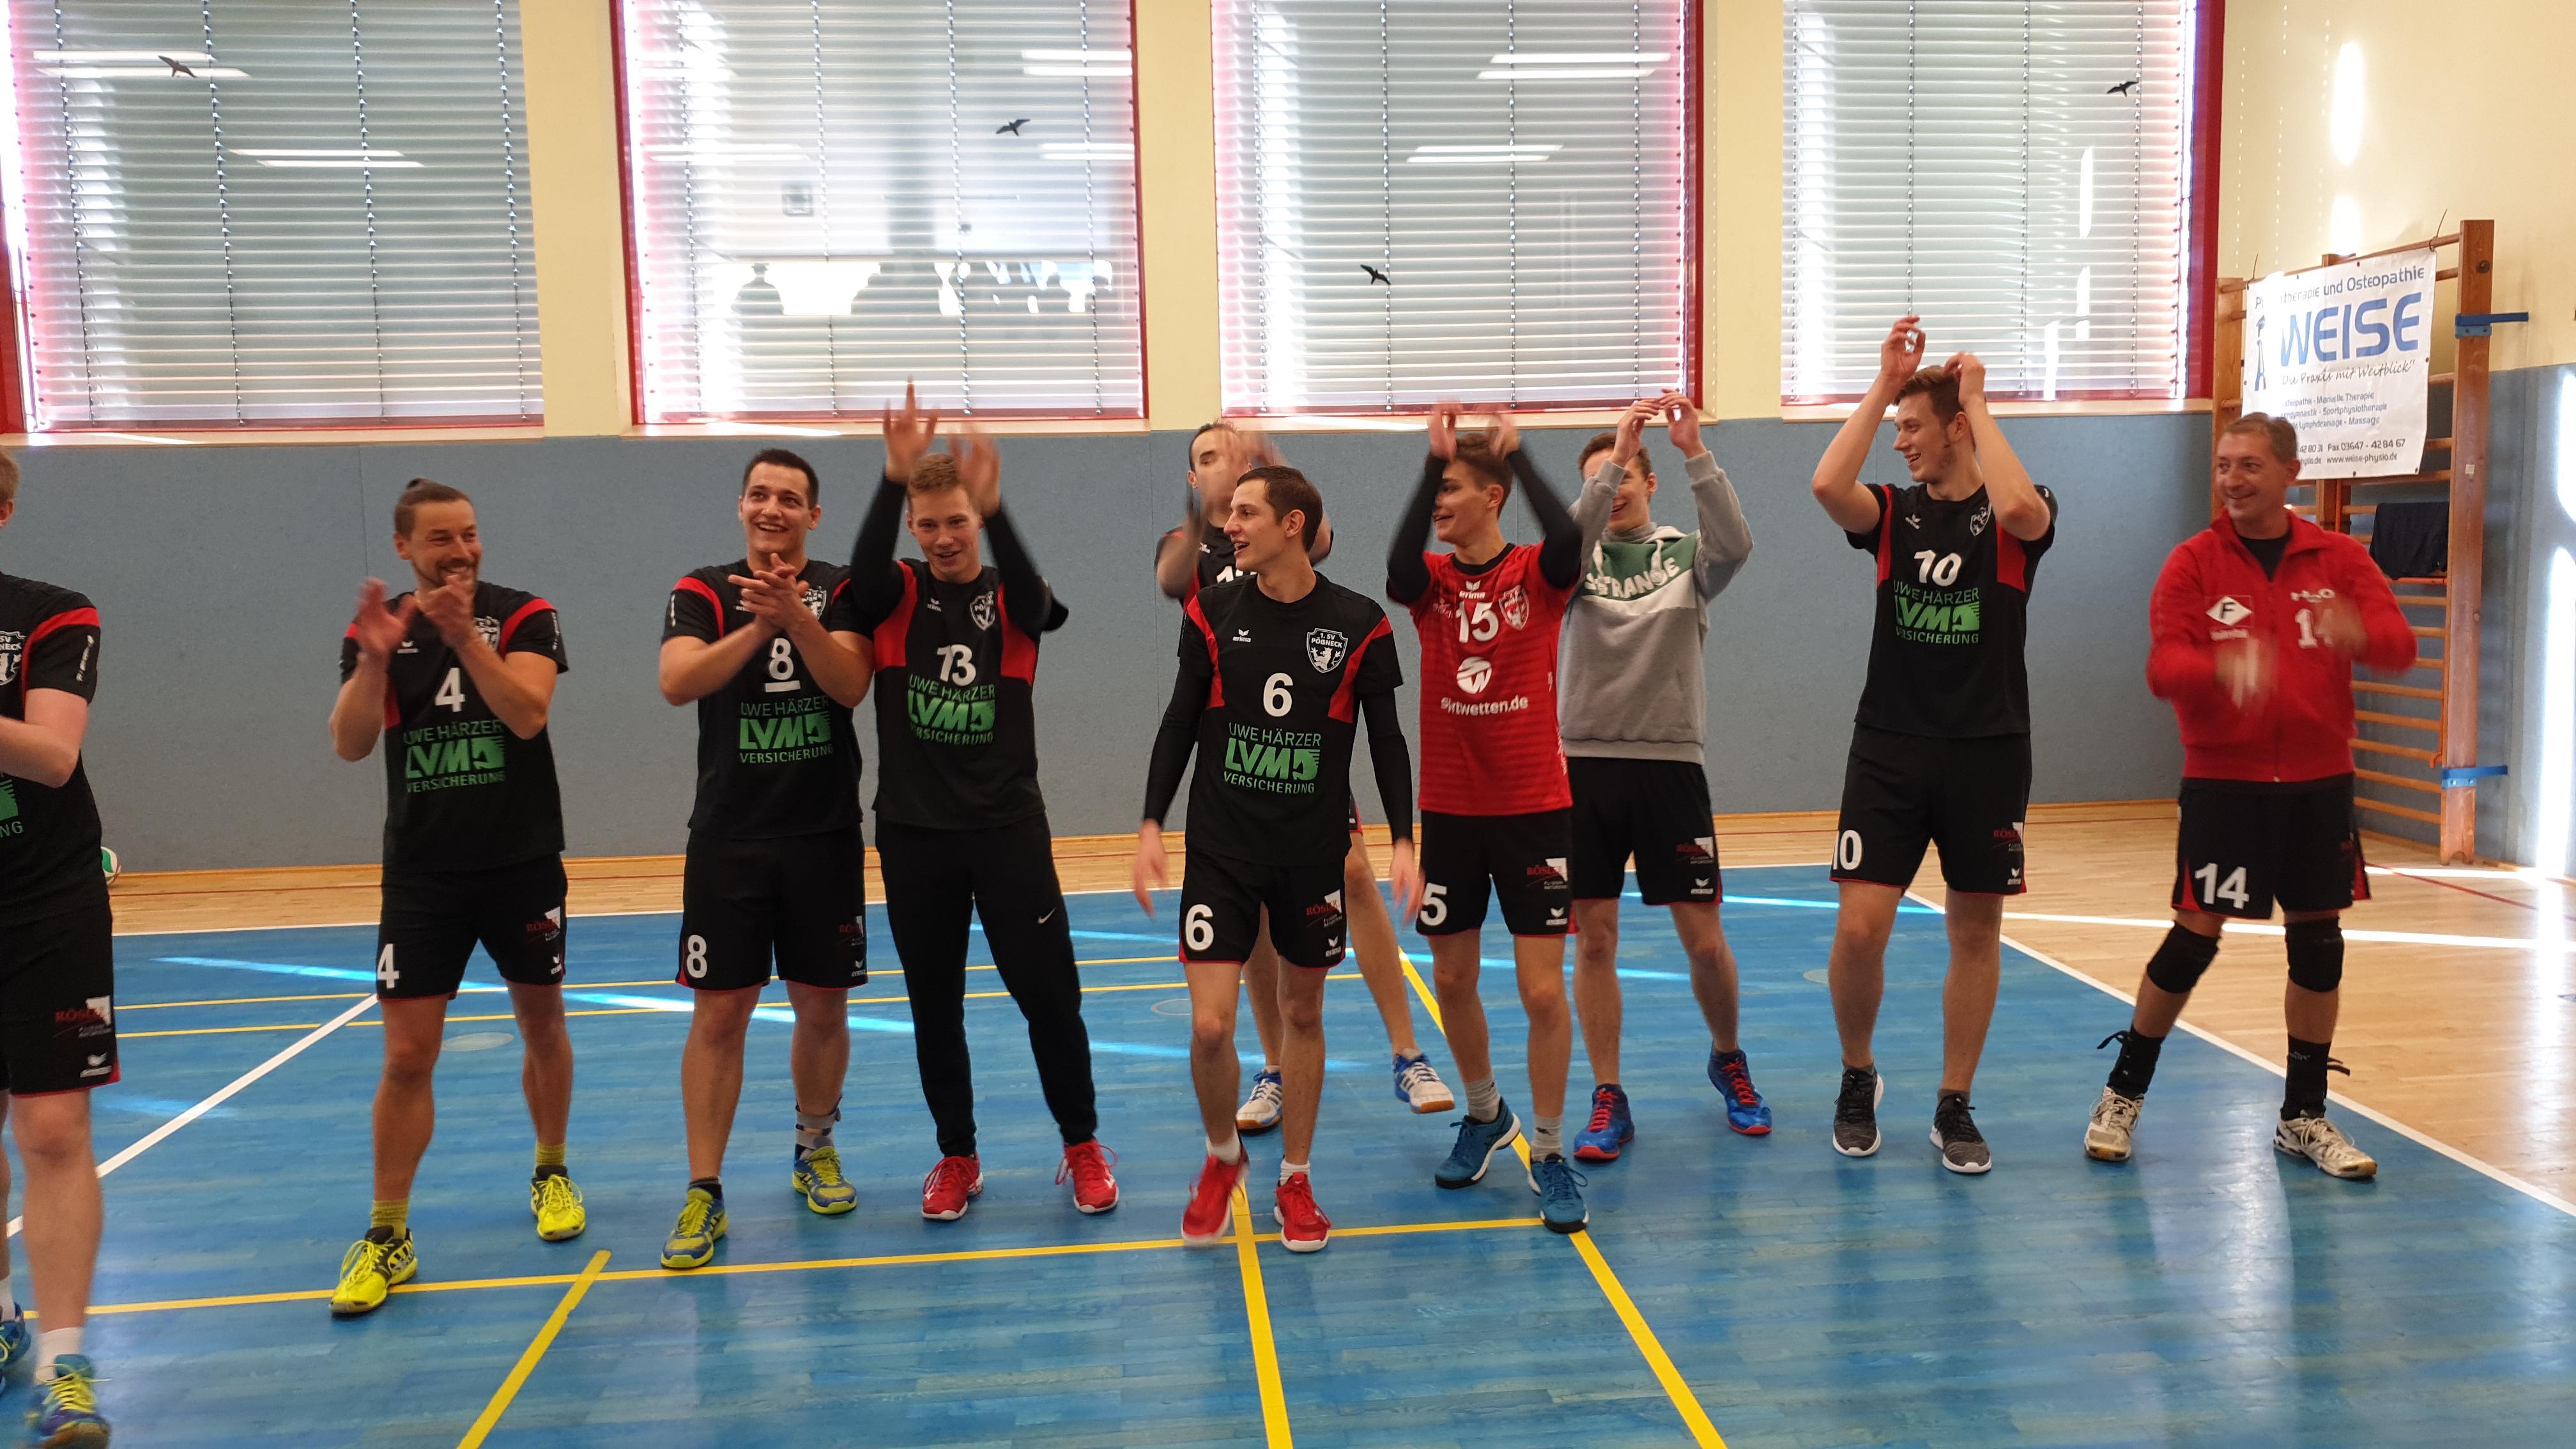 Bezirksliga Ost – Tabellenführer Pöẞneck siegt auswärts im Derby gegen Knau und gegen Jena